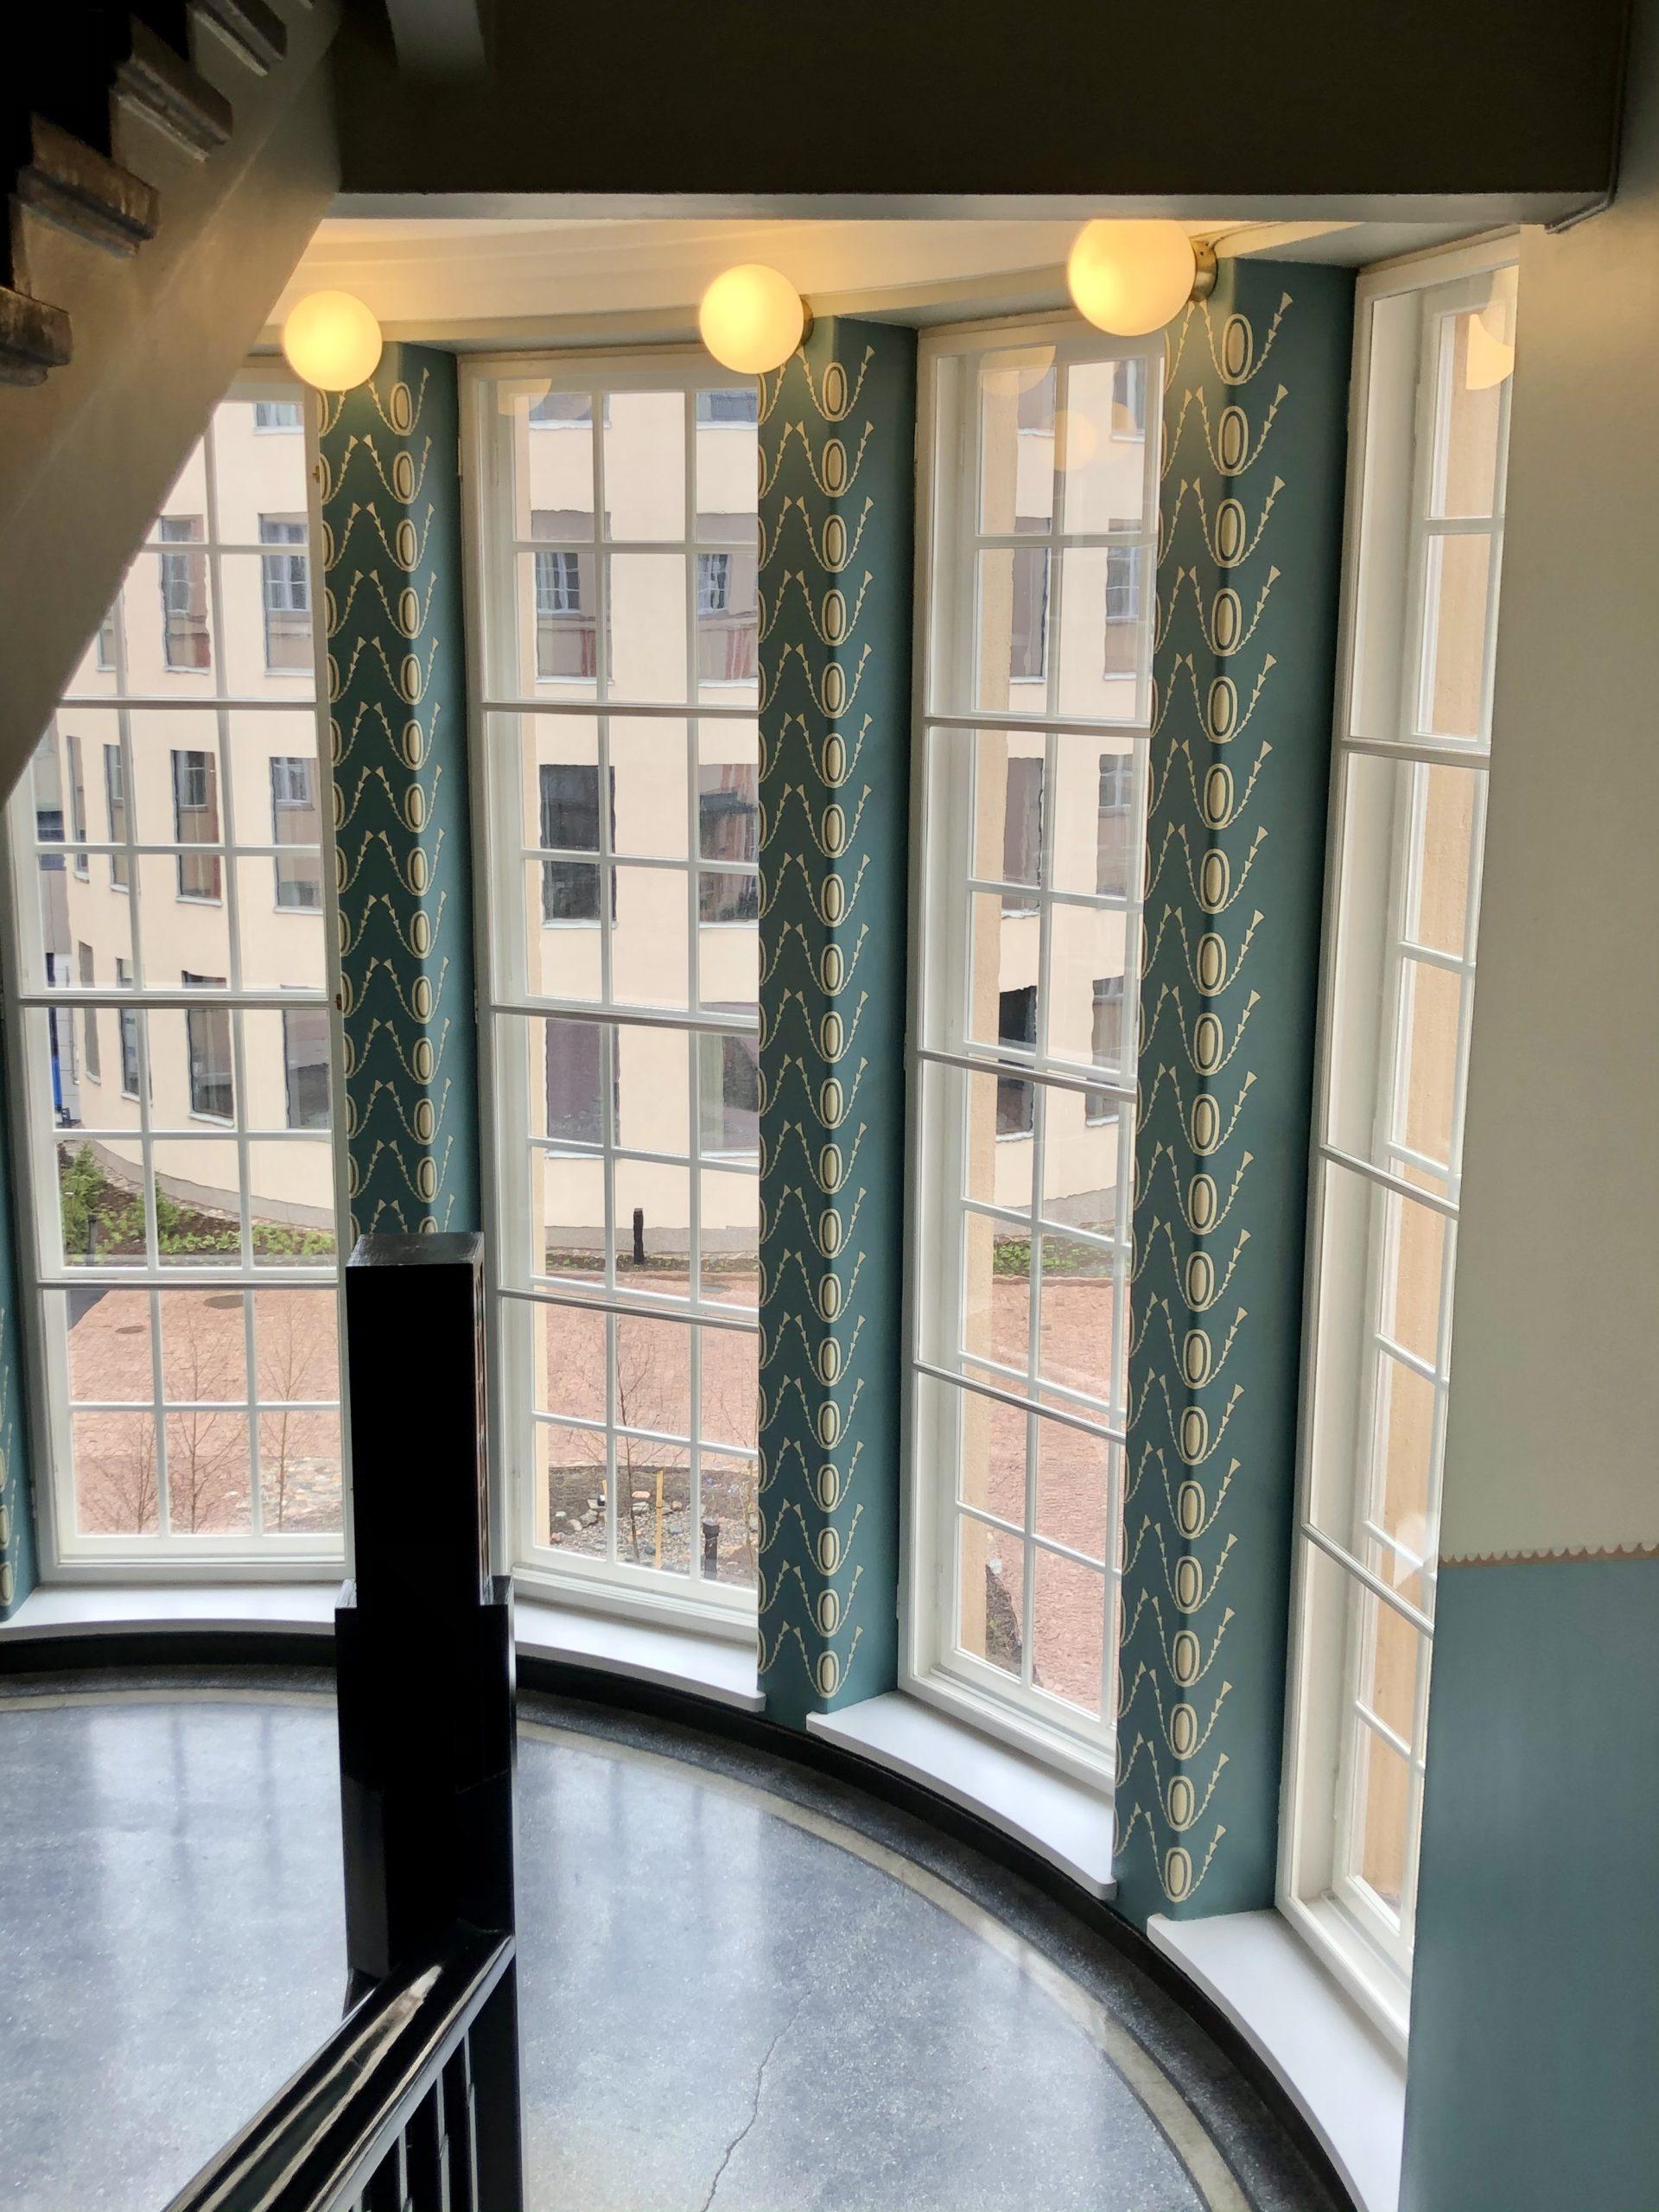 Scandic Grand Central tarjoaa hotellielämyksen portaikko